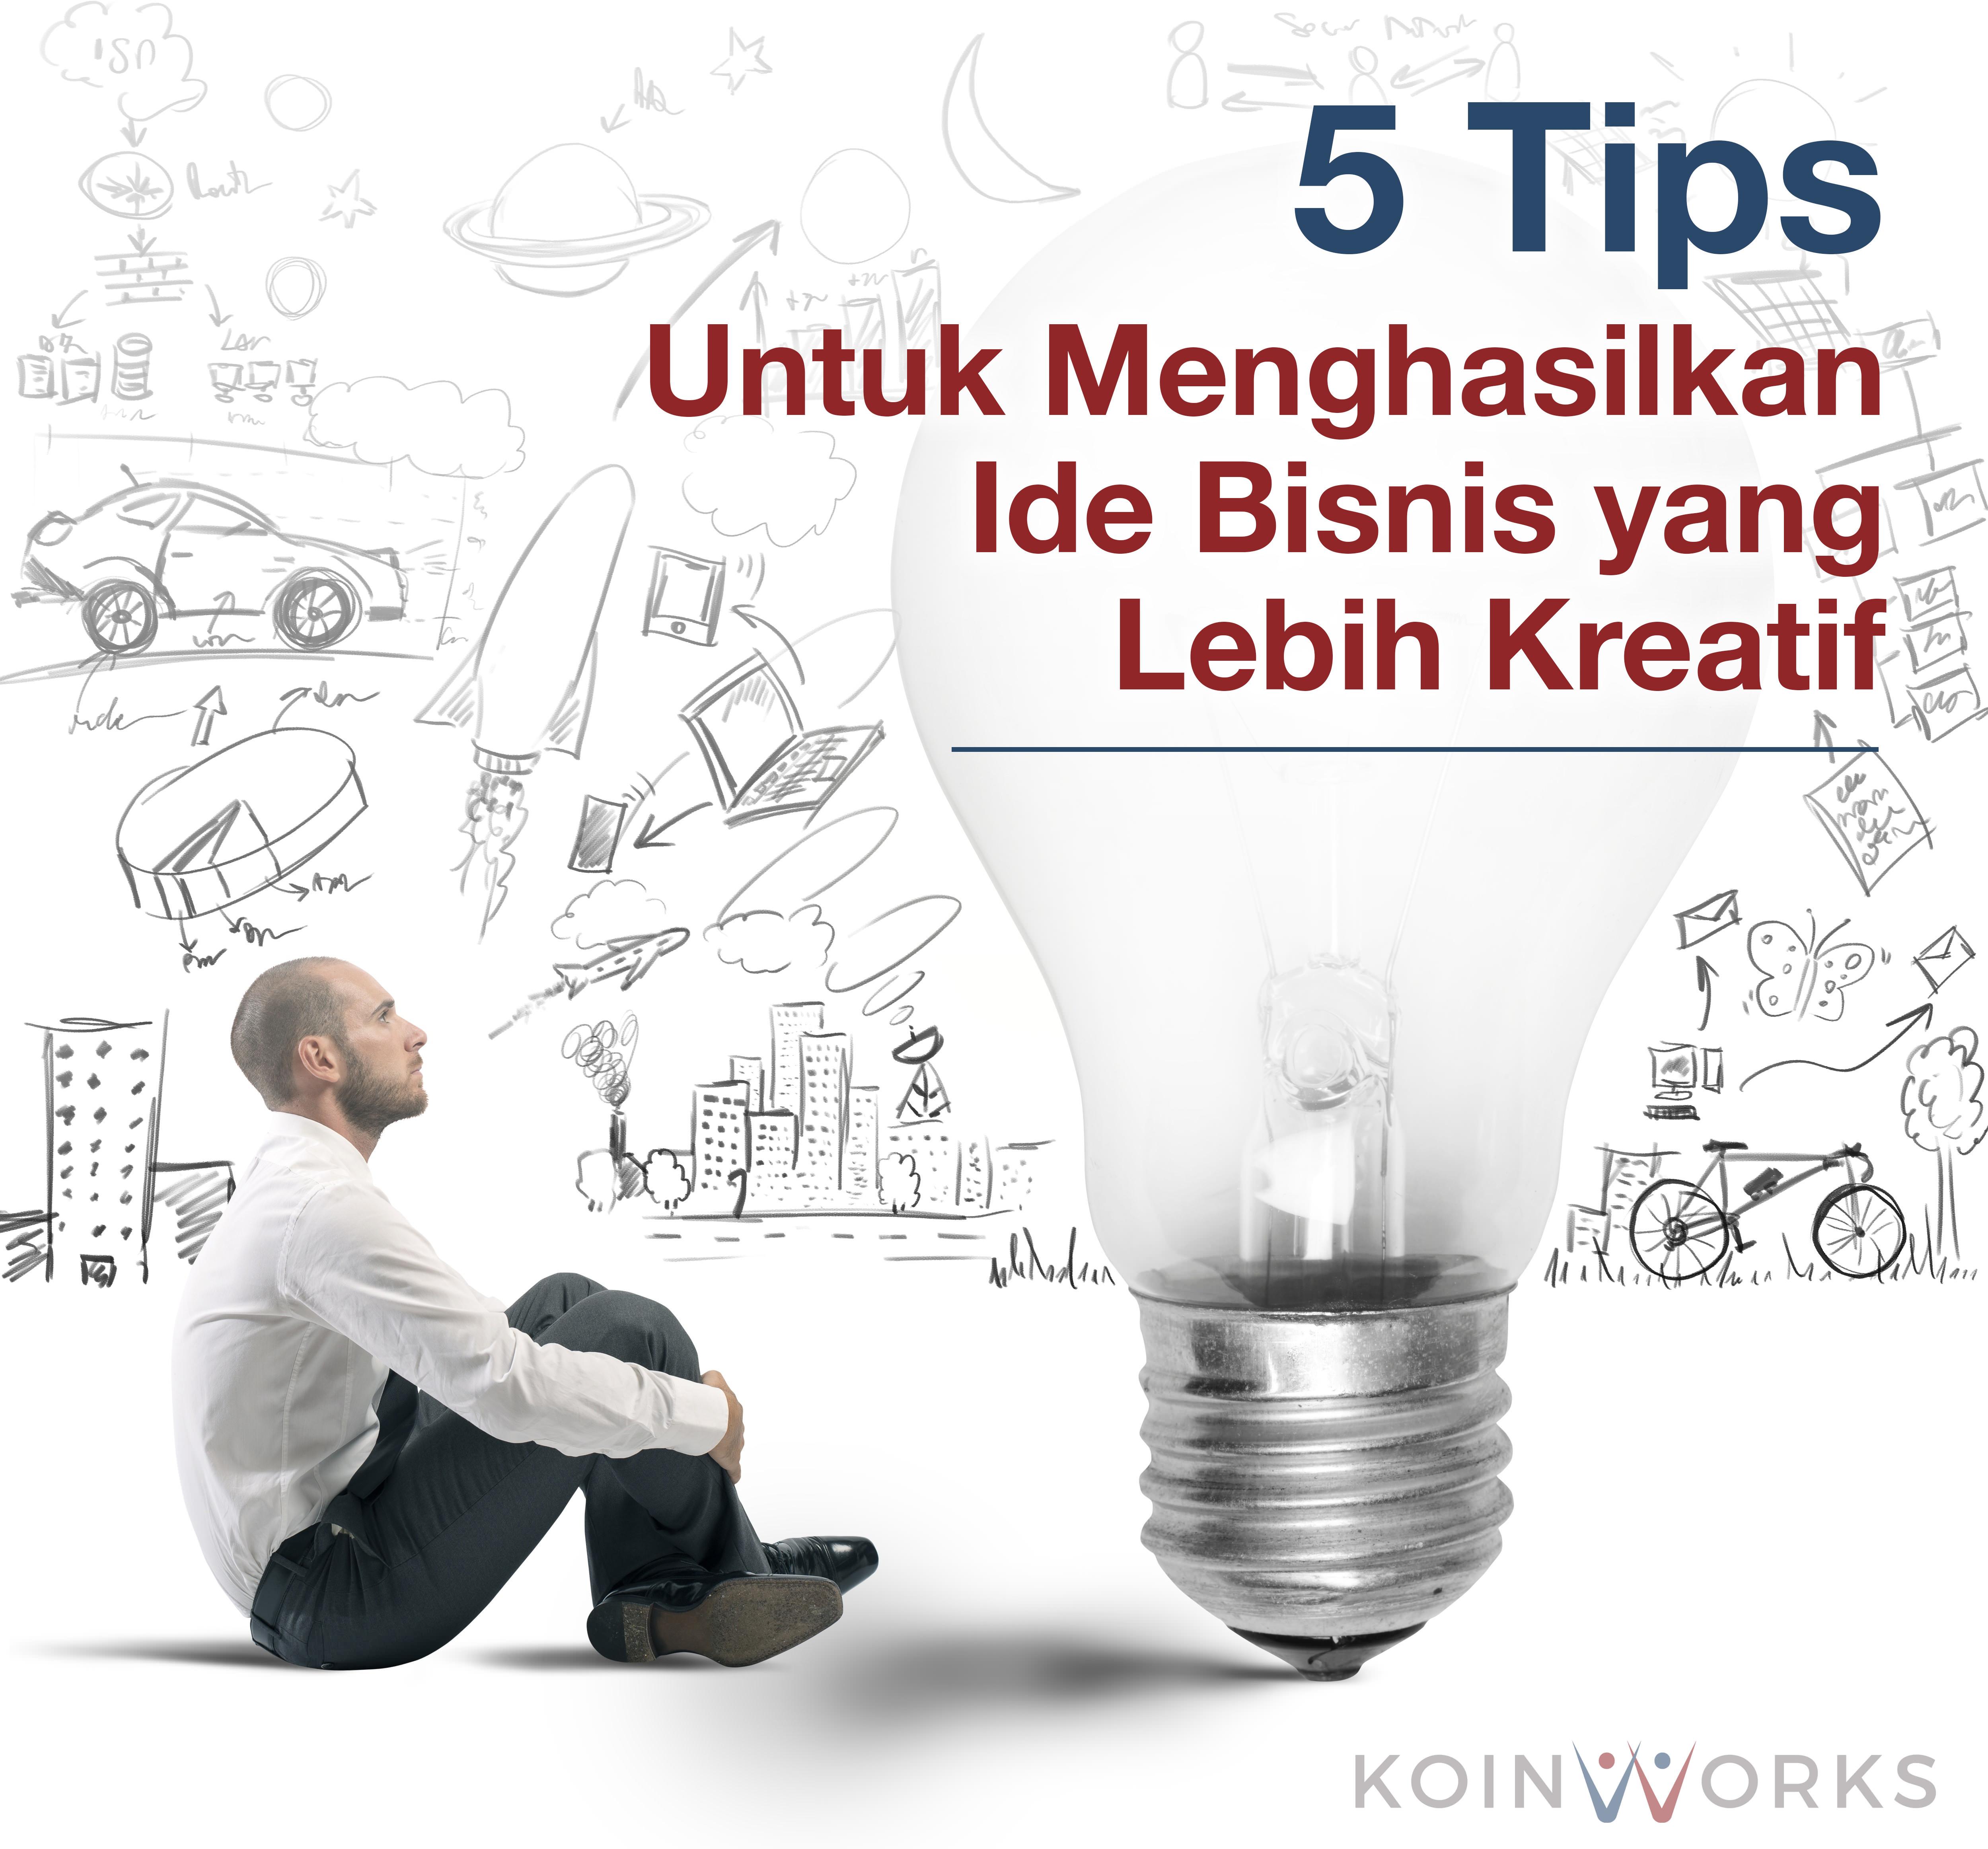 Beranda Bisnis 5 Tips Untuk Menghasilkan Ide Bisnis yang Lebih Kreatif 97817a21c8